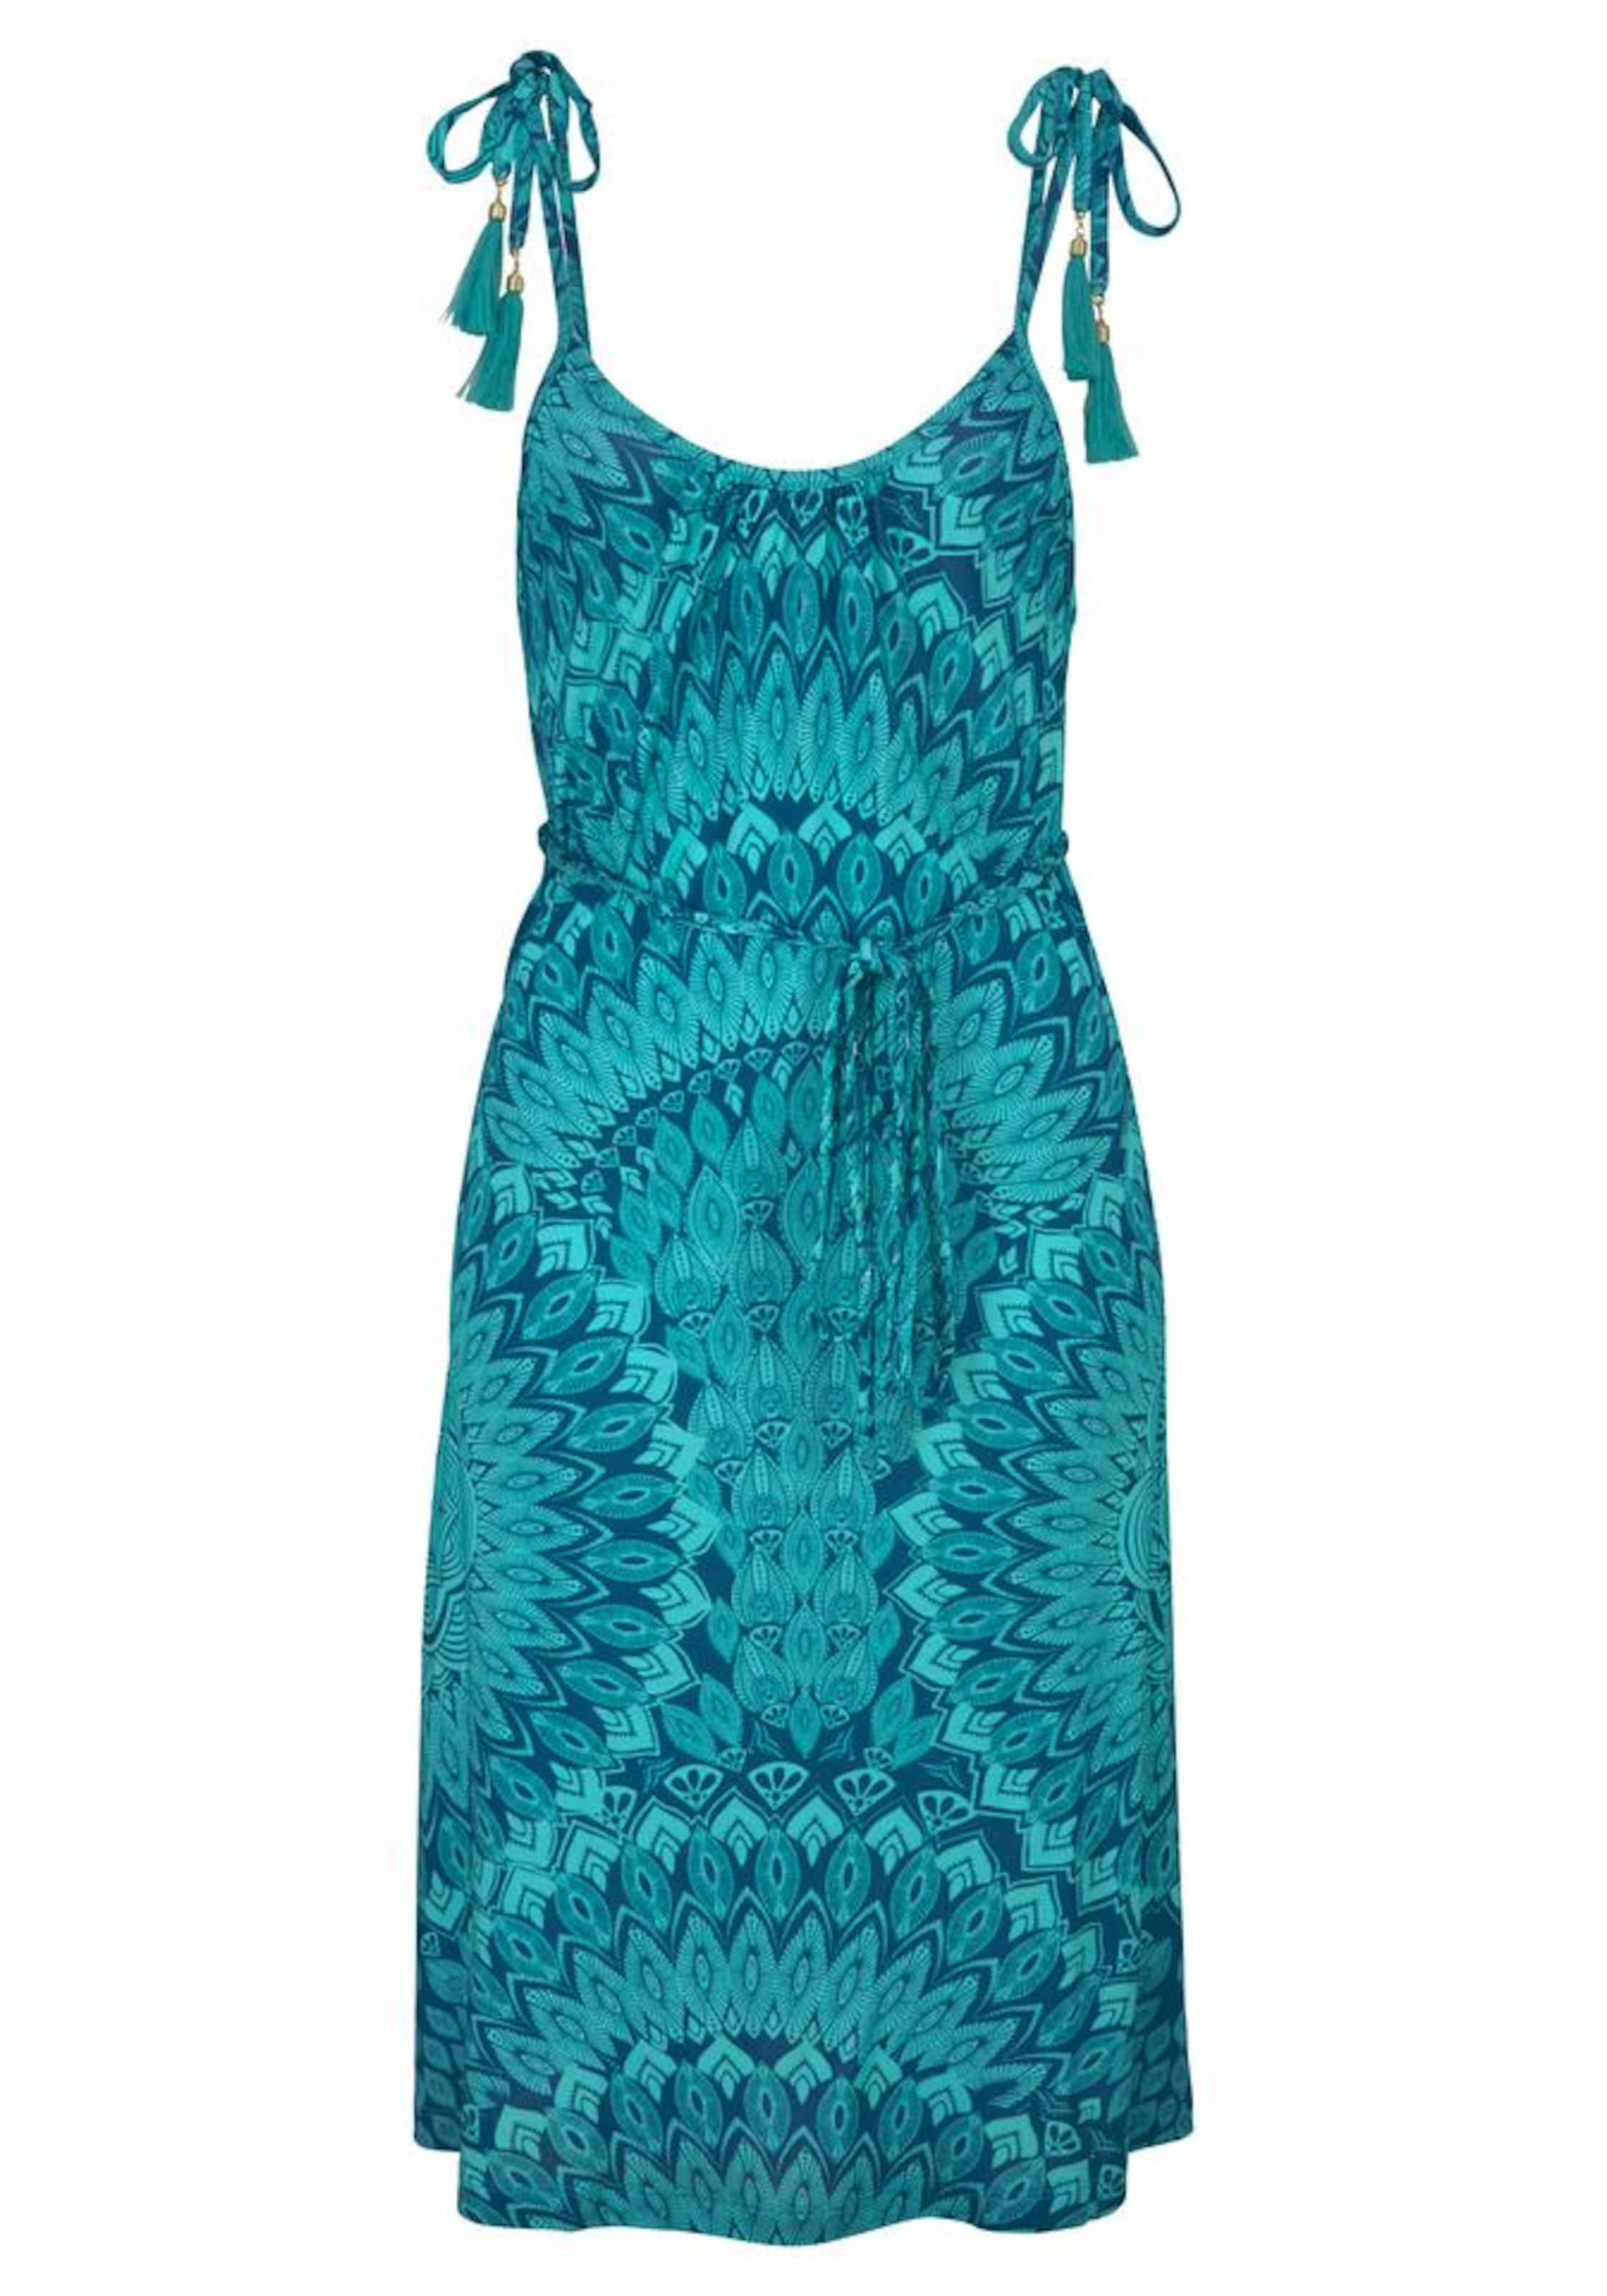 s.Oliver RED LABEL Beachwear Strandkleid Shop-Angebot Günstiger Preis dWyzA